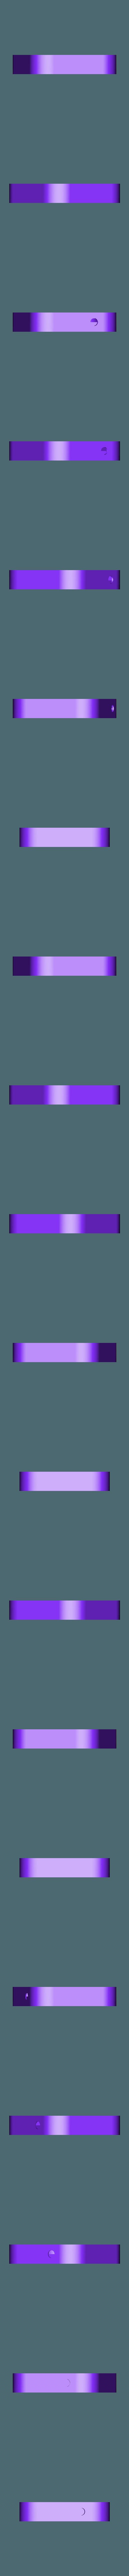 Body.stl Télécharger fichier STL gratuit ADKS - Lampe de table multicolore Bluetooth • Design pour imprimante 3D, Adarkstudio